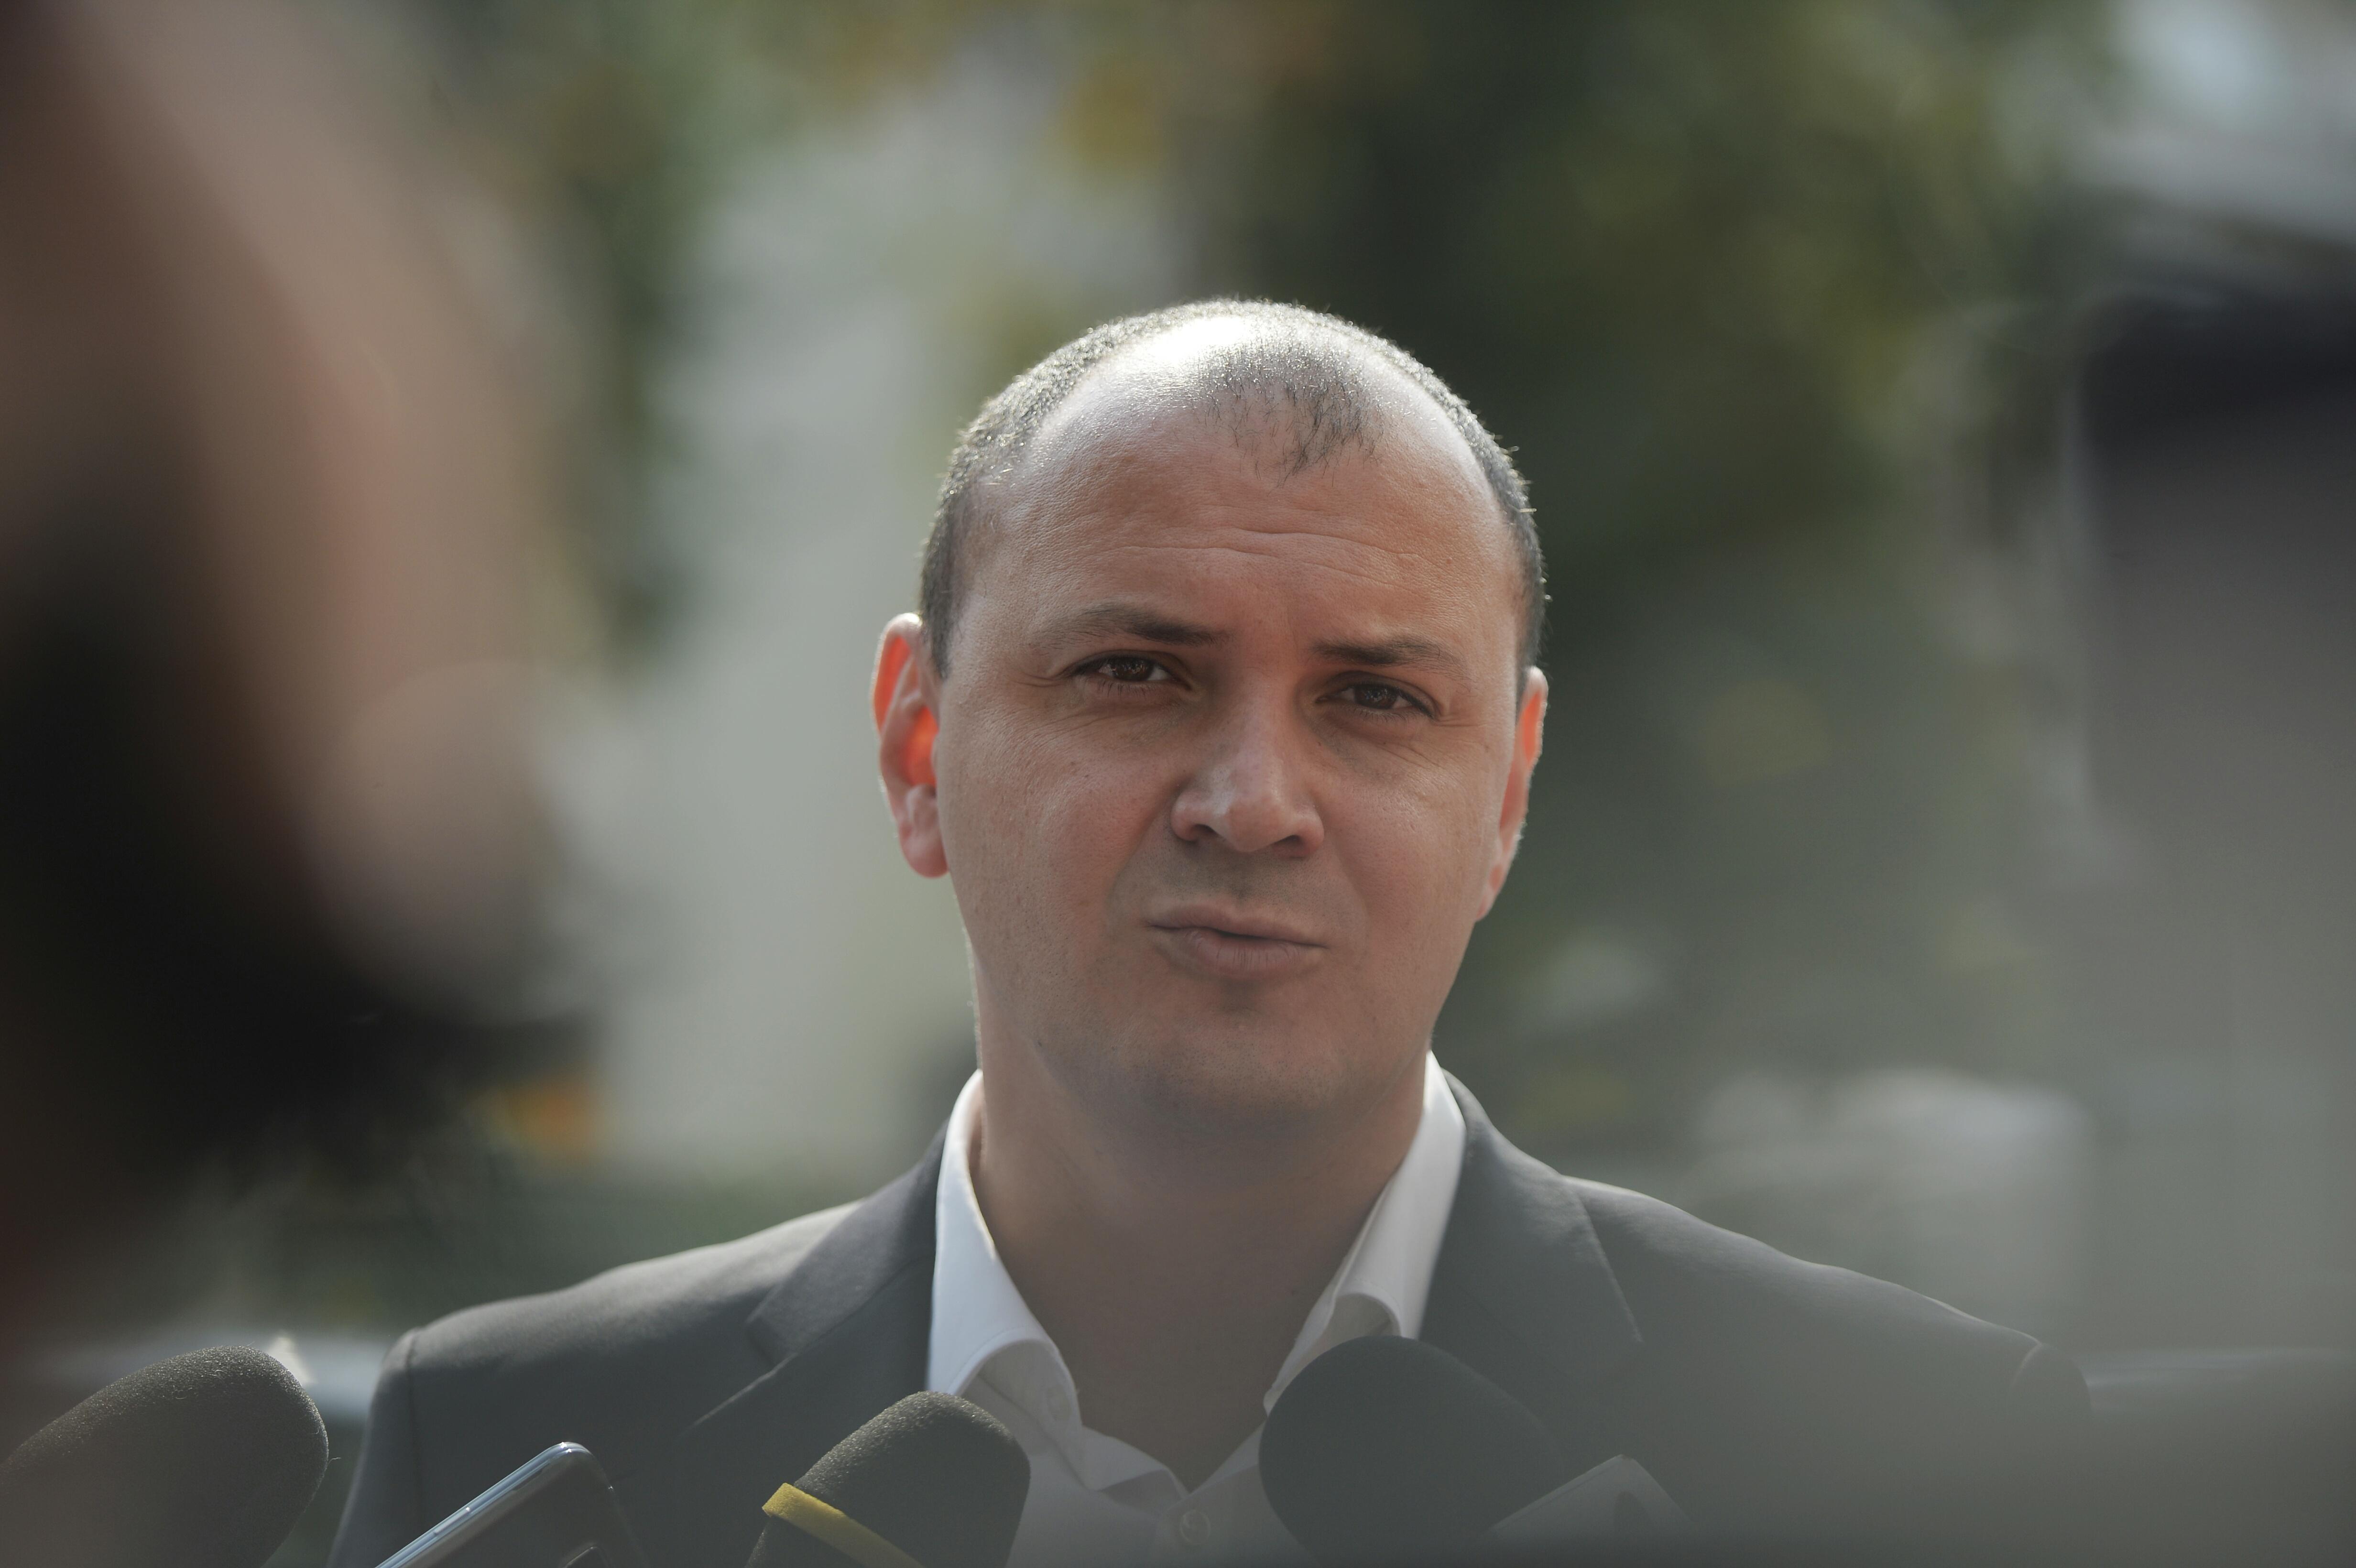 MJ: Ministerul Justiţiei din Serbia nu ne-a informat cu privire la stadiul extrădării lui Sebastian Ghiţă